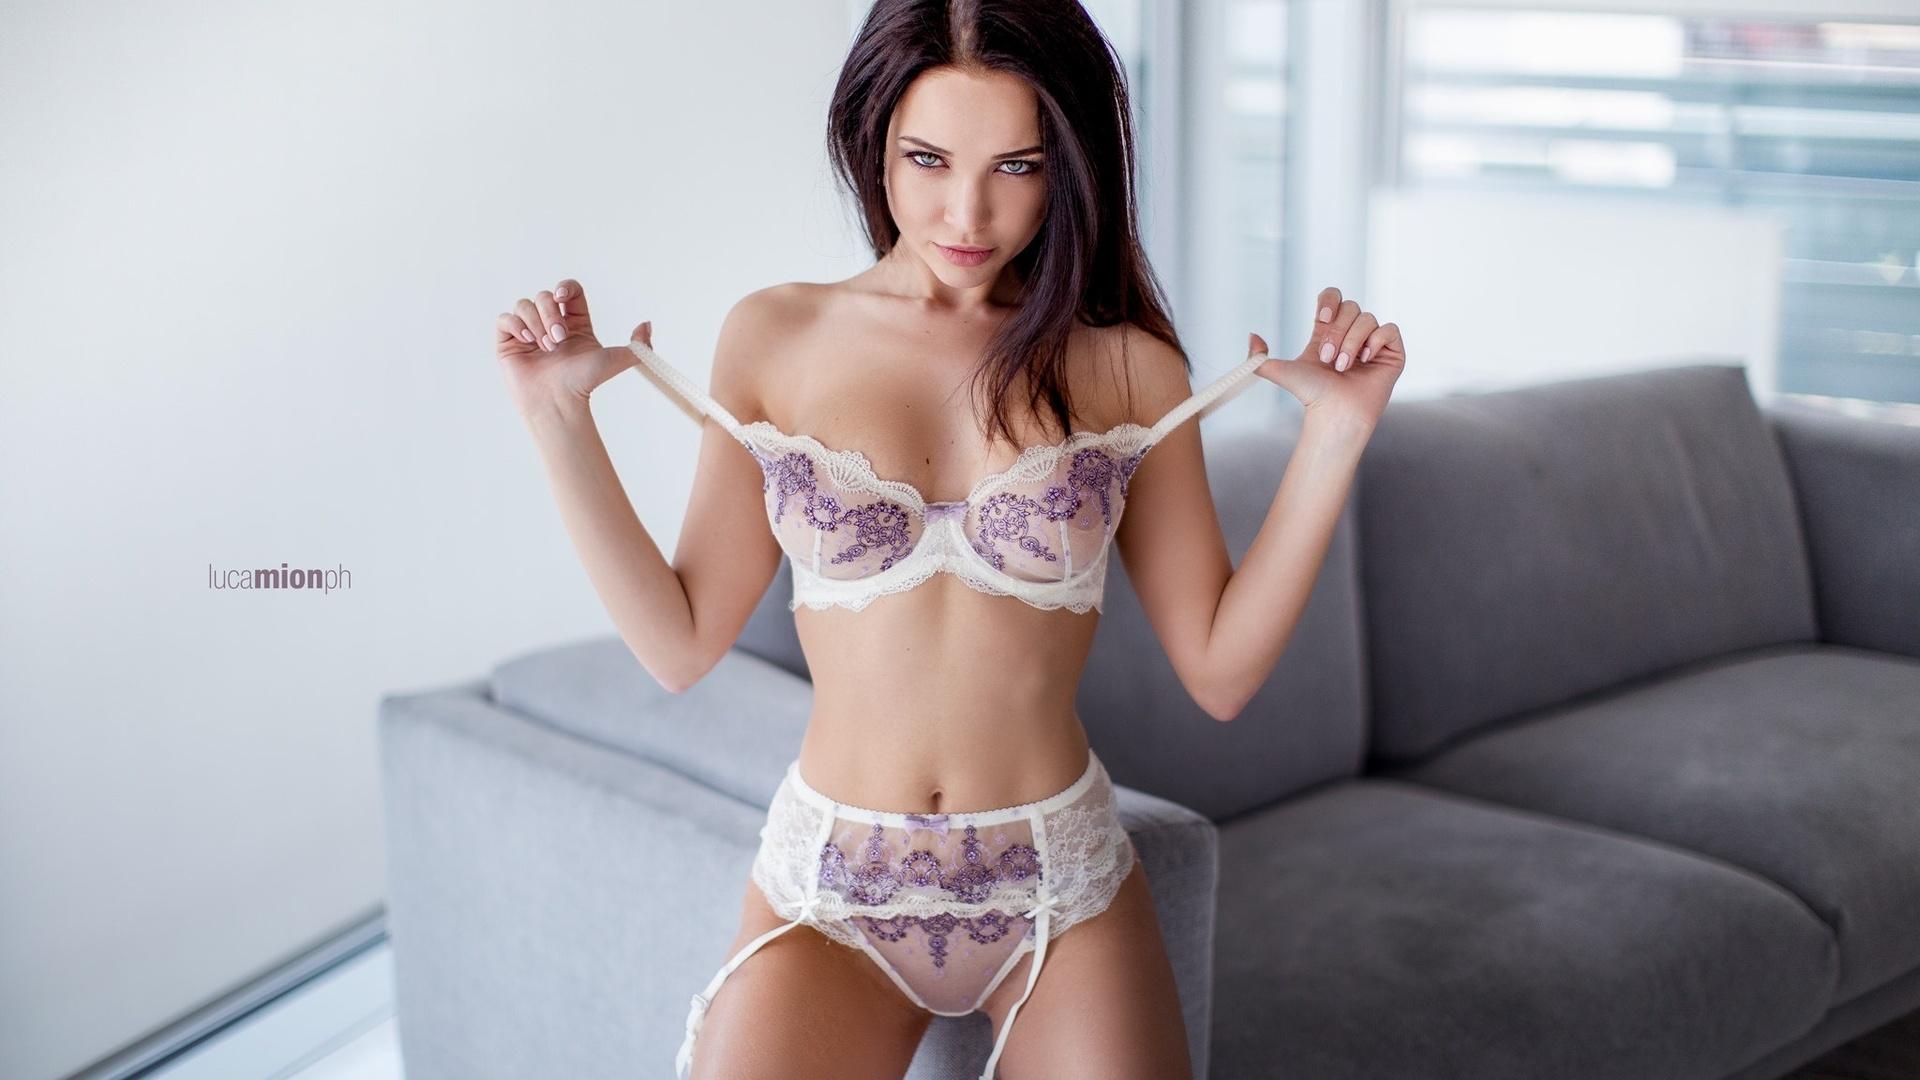 Про девушек в нижнем белье просвечиваем, Порно В красивом белье -видео. Смотреть порно 26 фотография